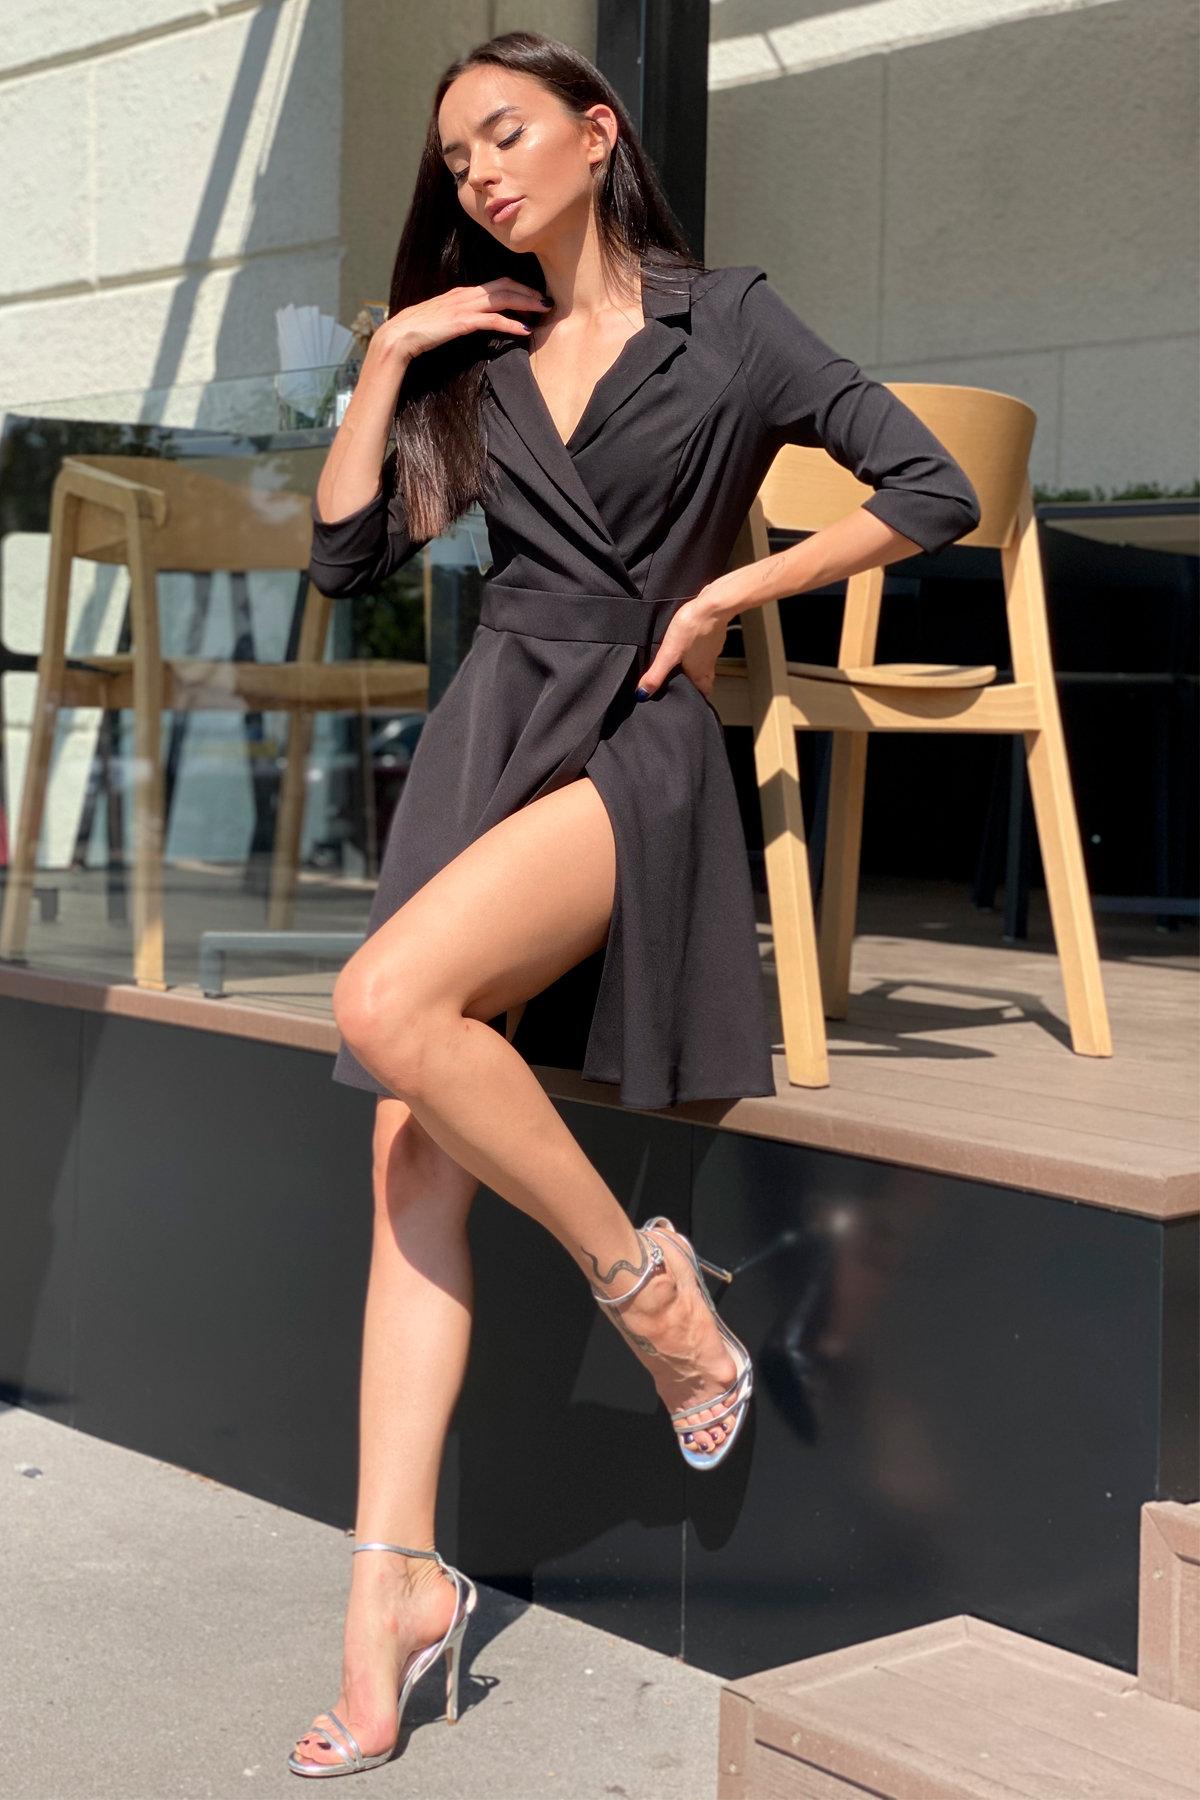 Платье Малья 7678 АРТ. 45990 Цвет: Черный - фото 5, интернет магазин tm-modus.ru